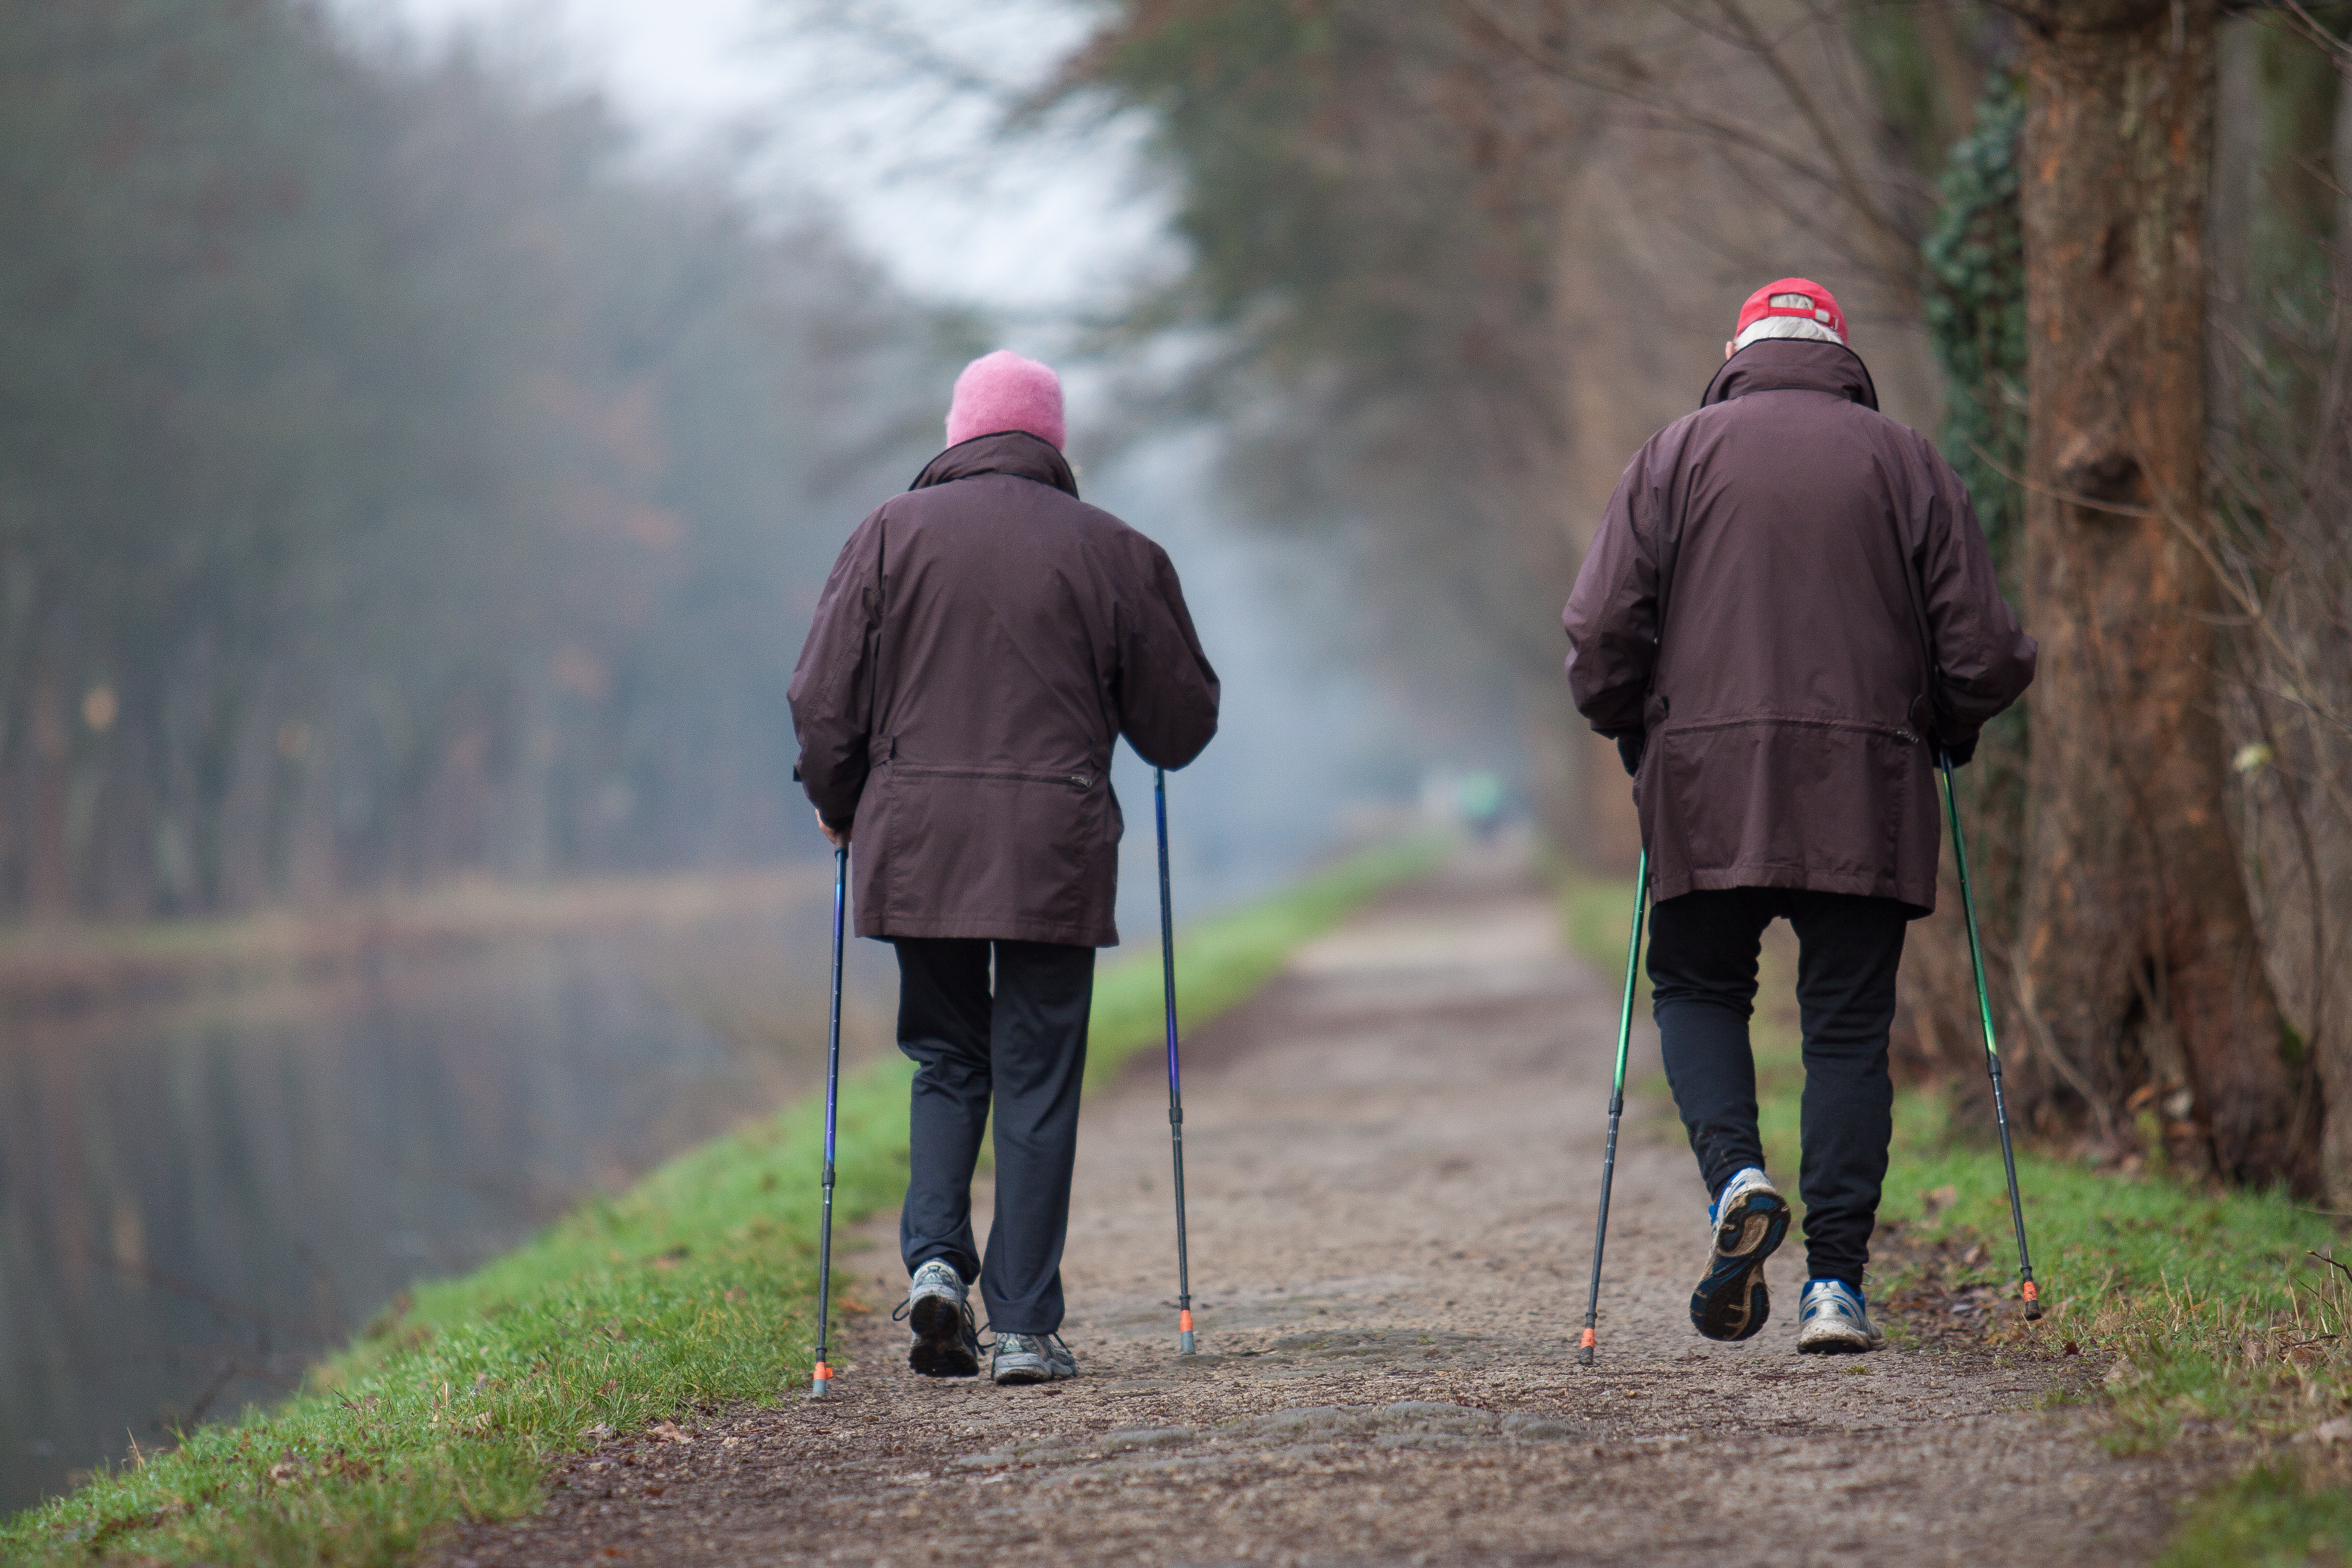 Risken för död i relation till olika blodtrycksnivåer skiljde sig mellan grupper med olika gånghastigheter